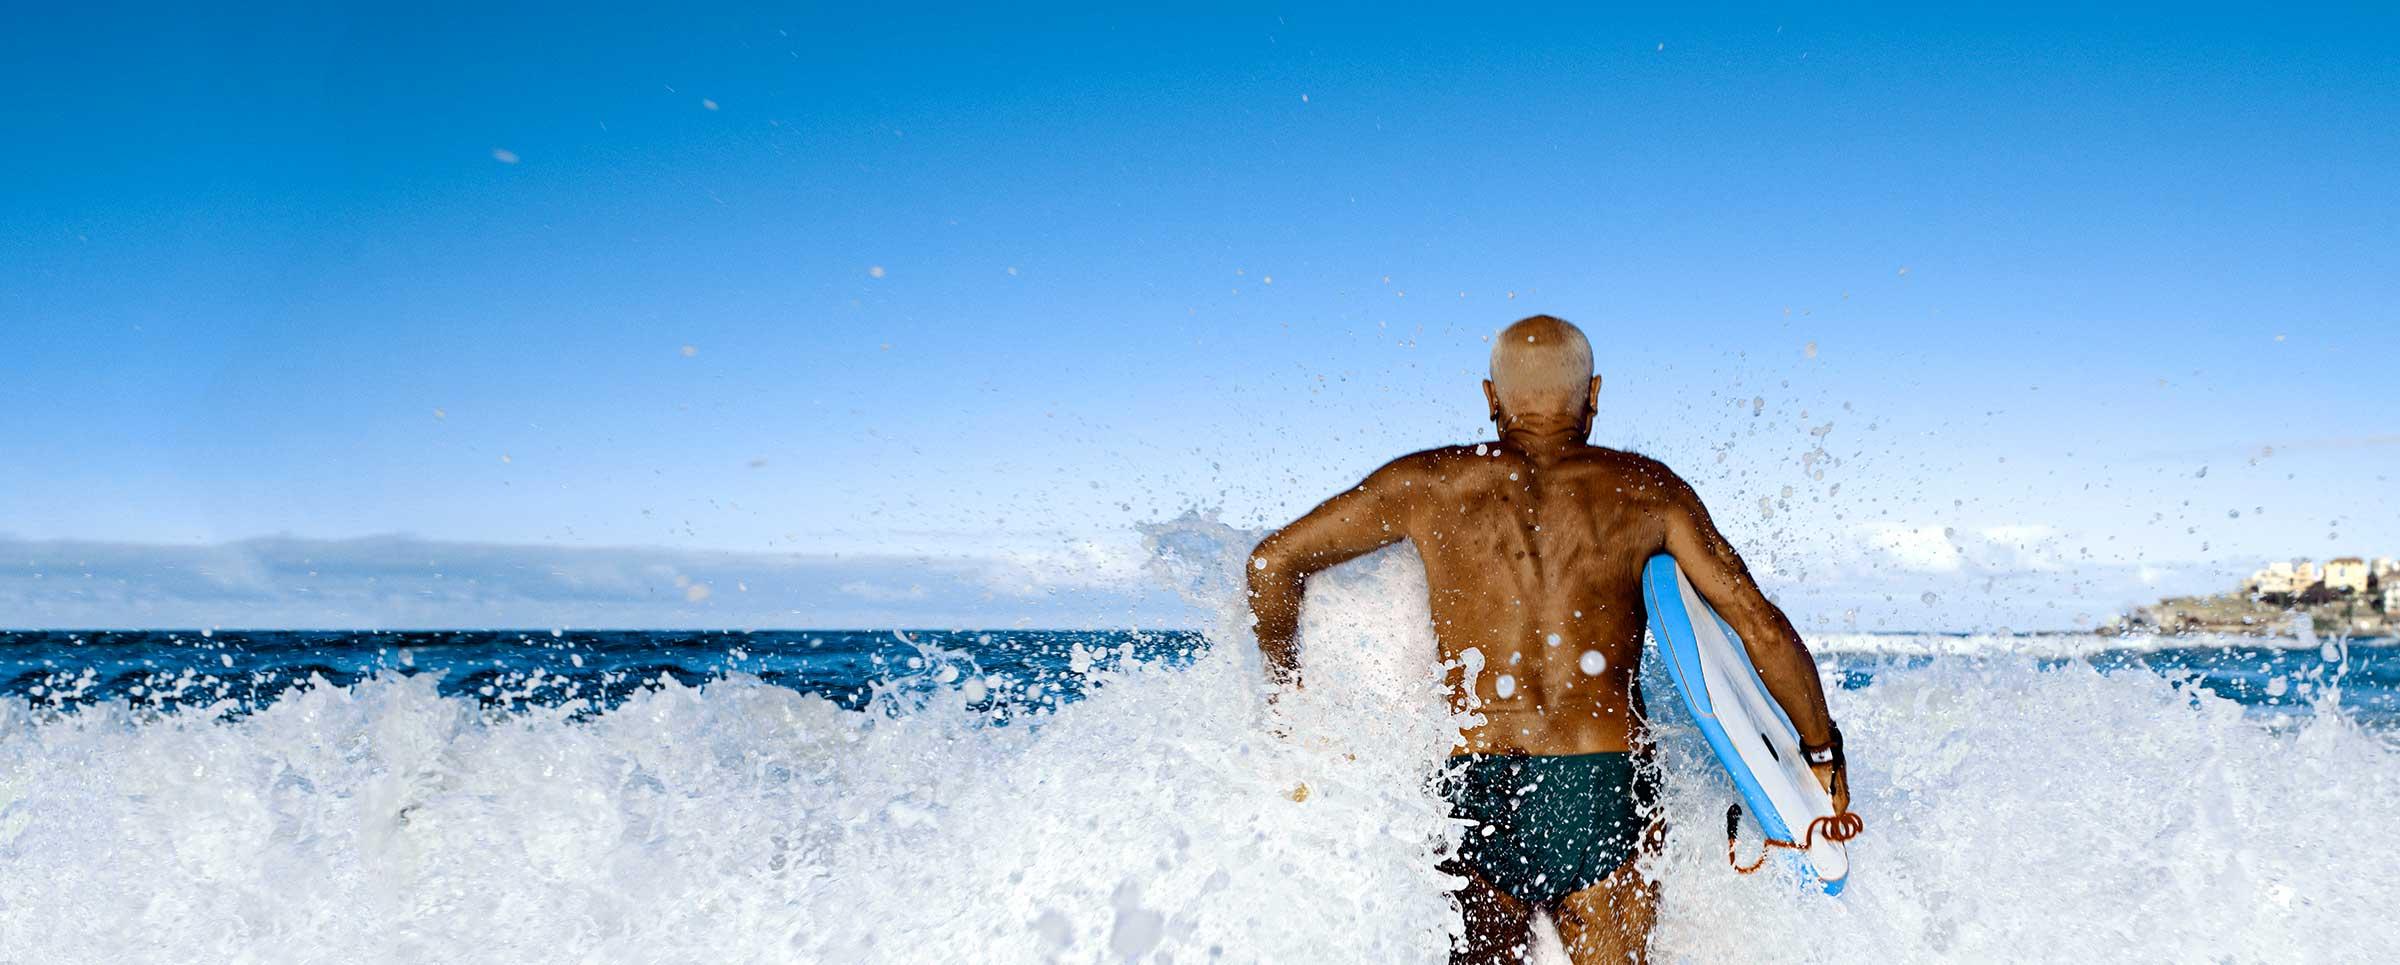 Man Surfing 2